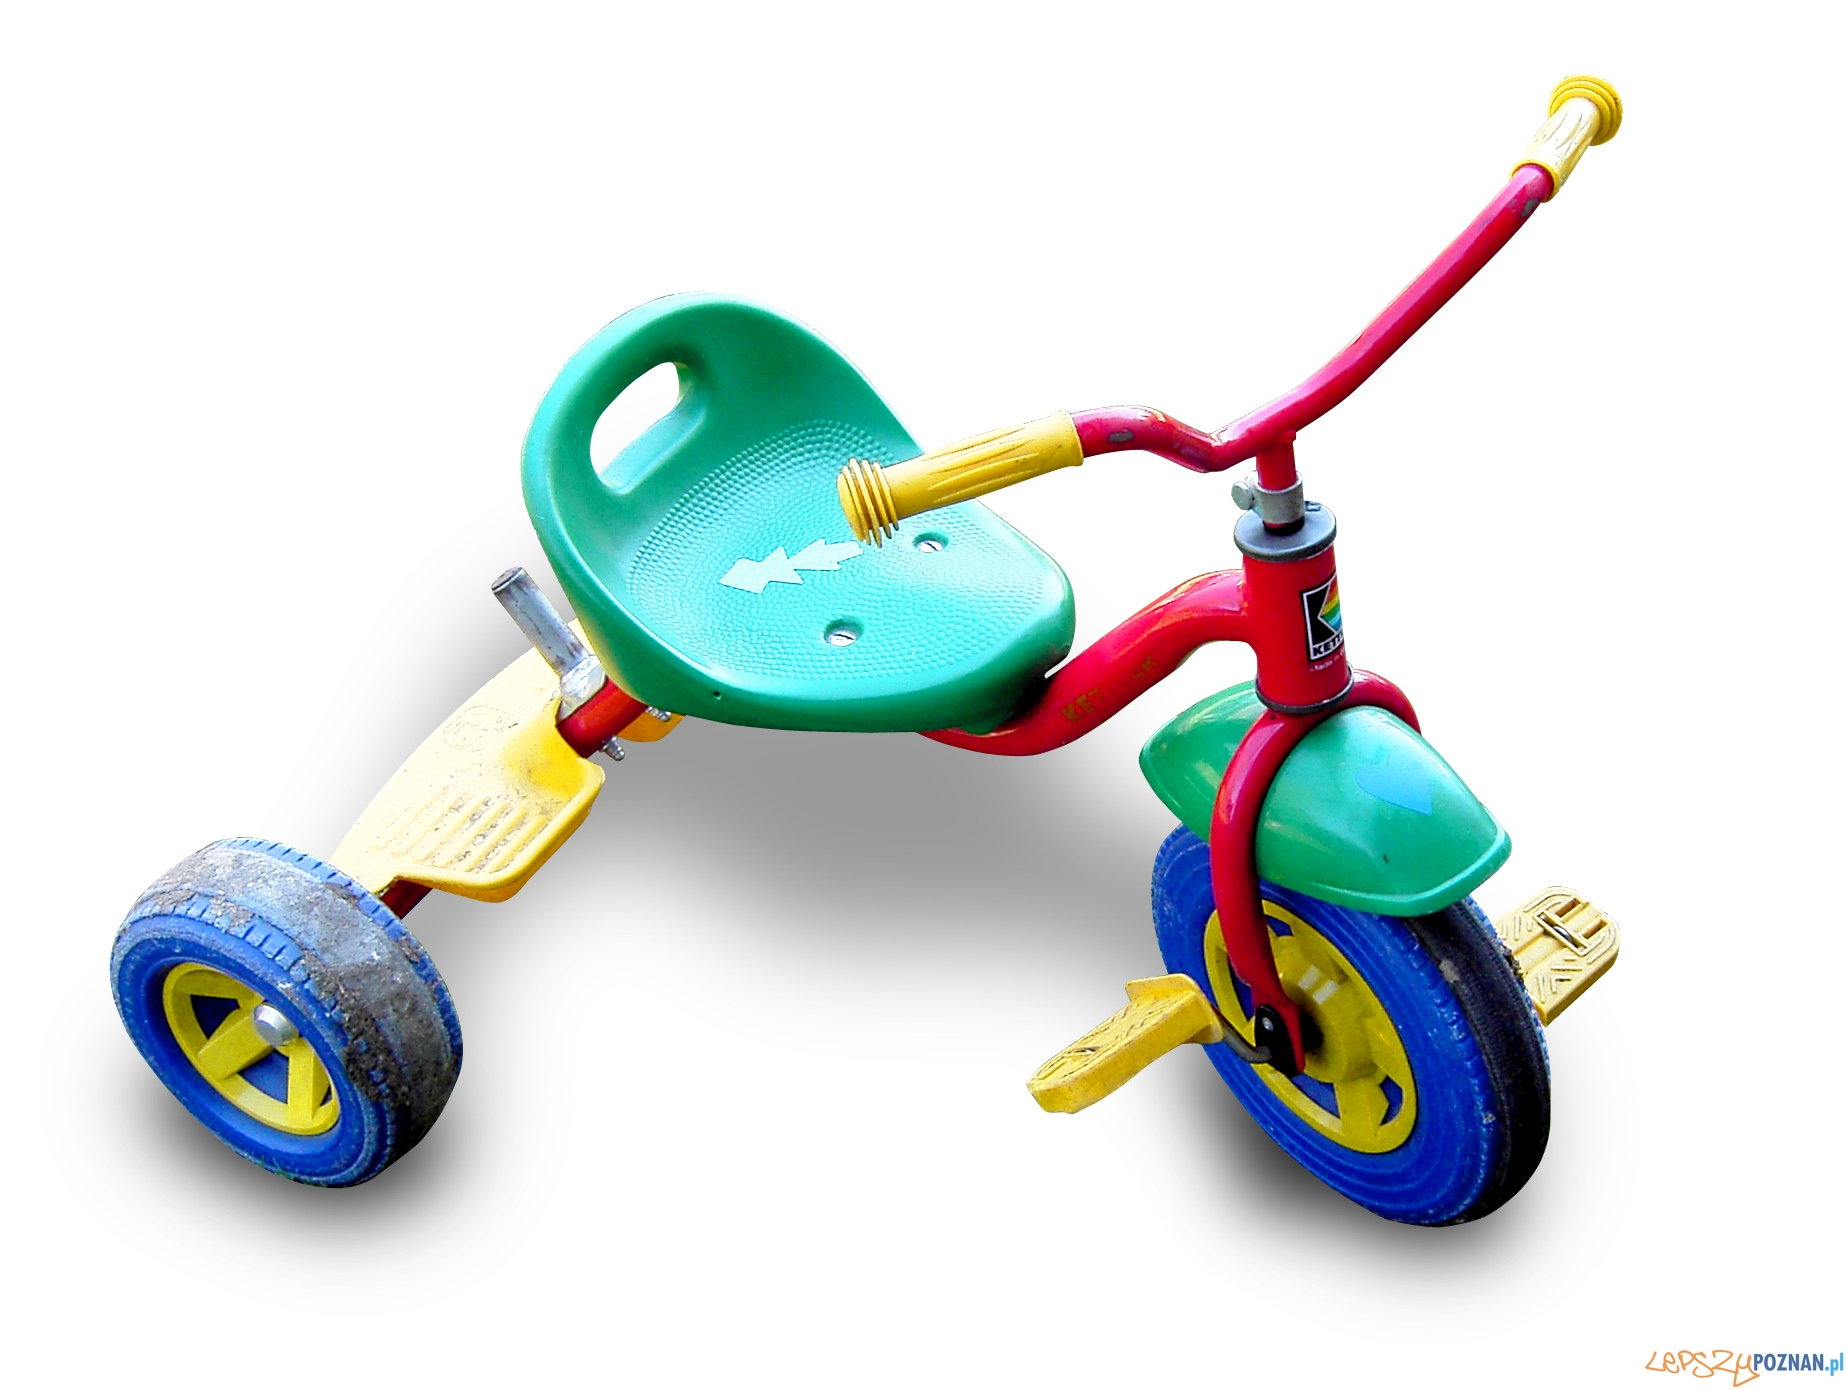 rowerek dziecięcy  Foto: sxc